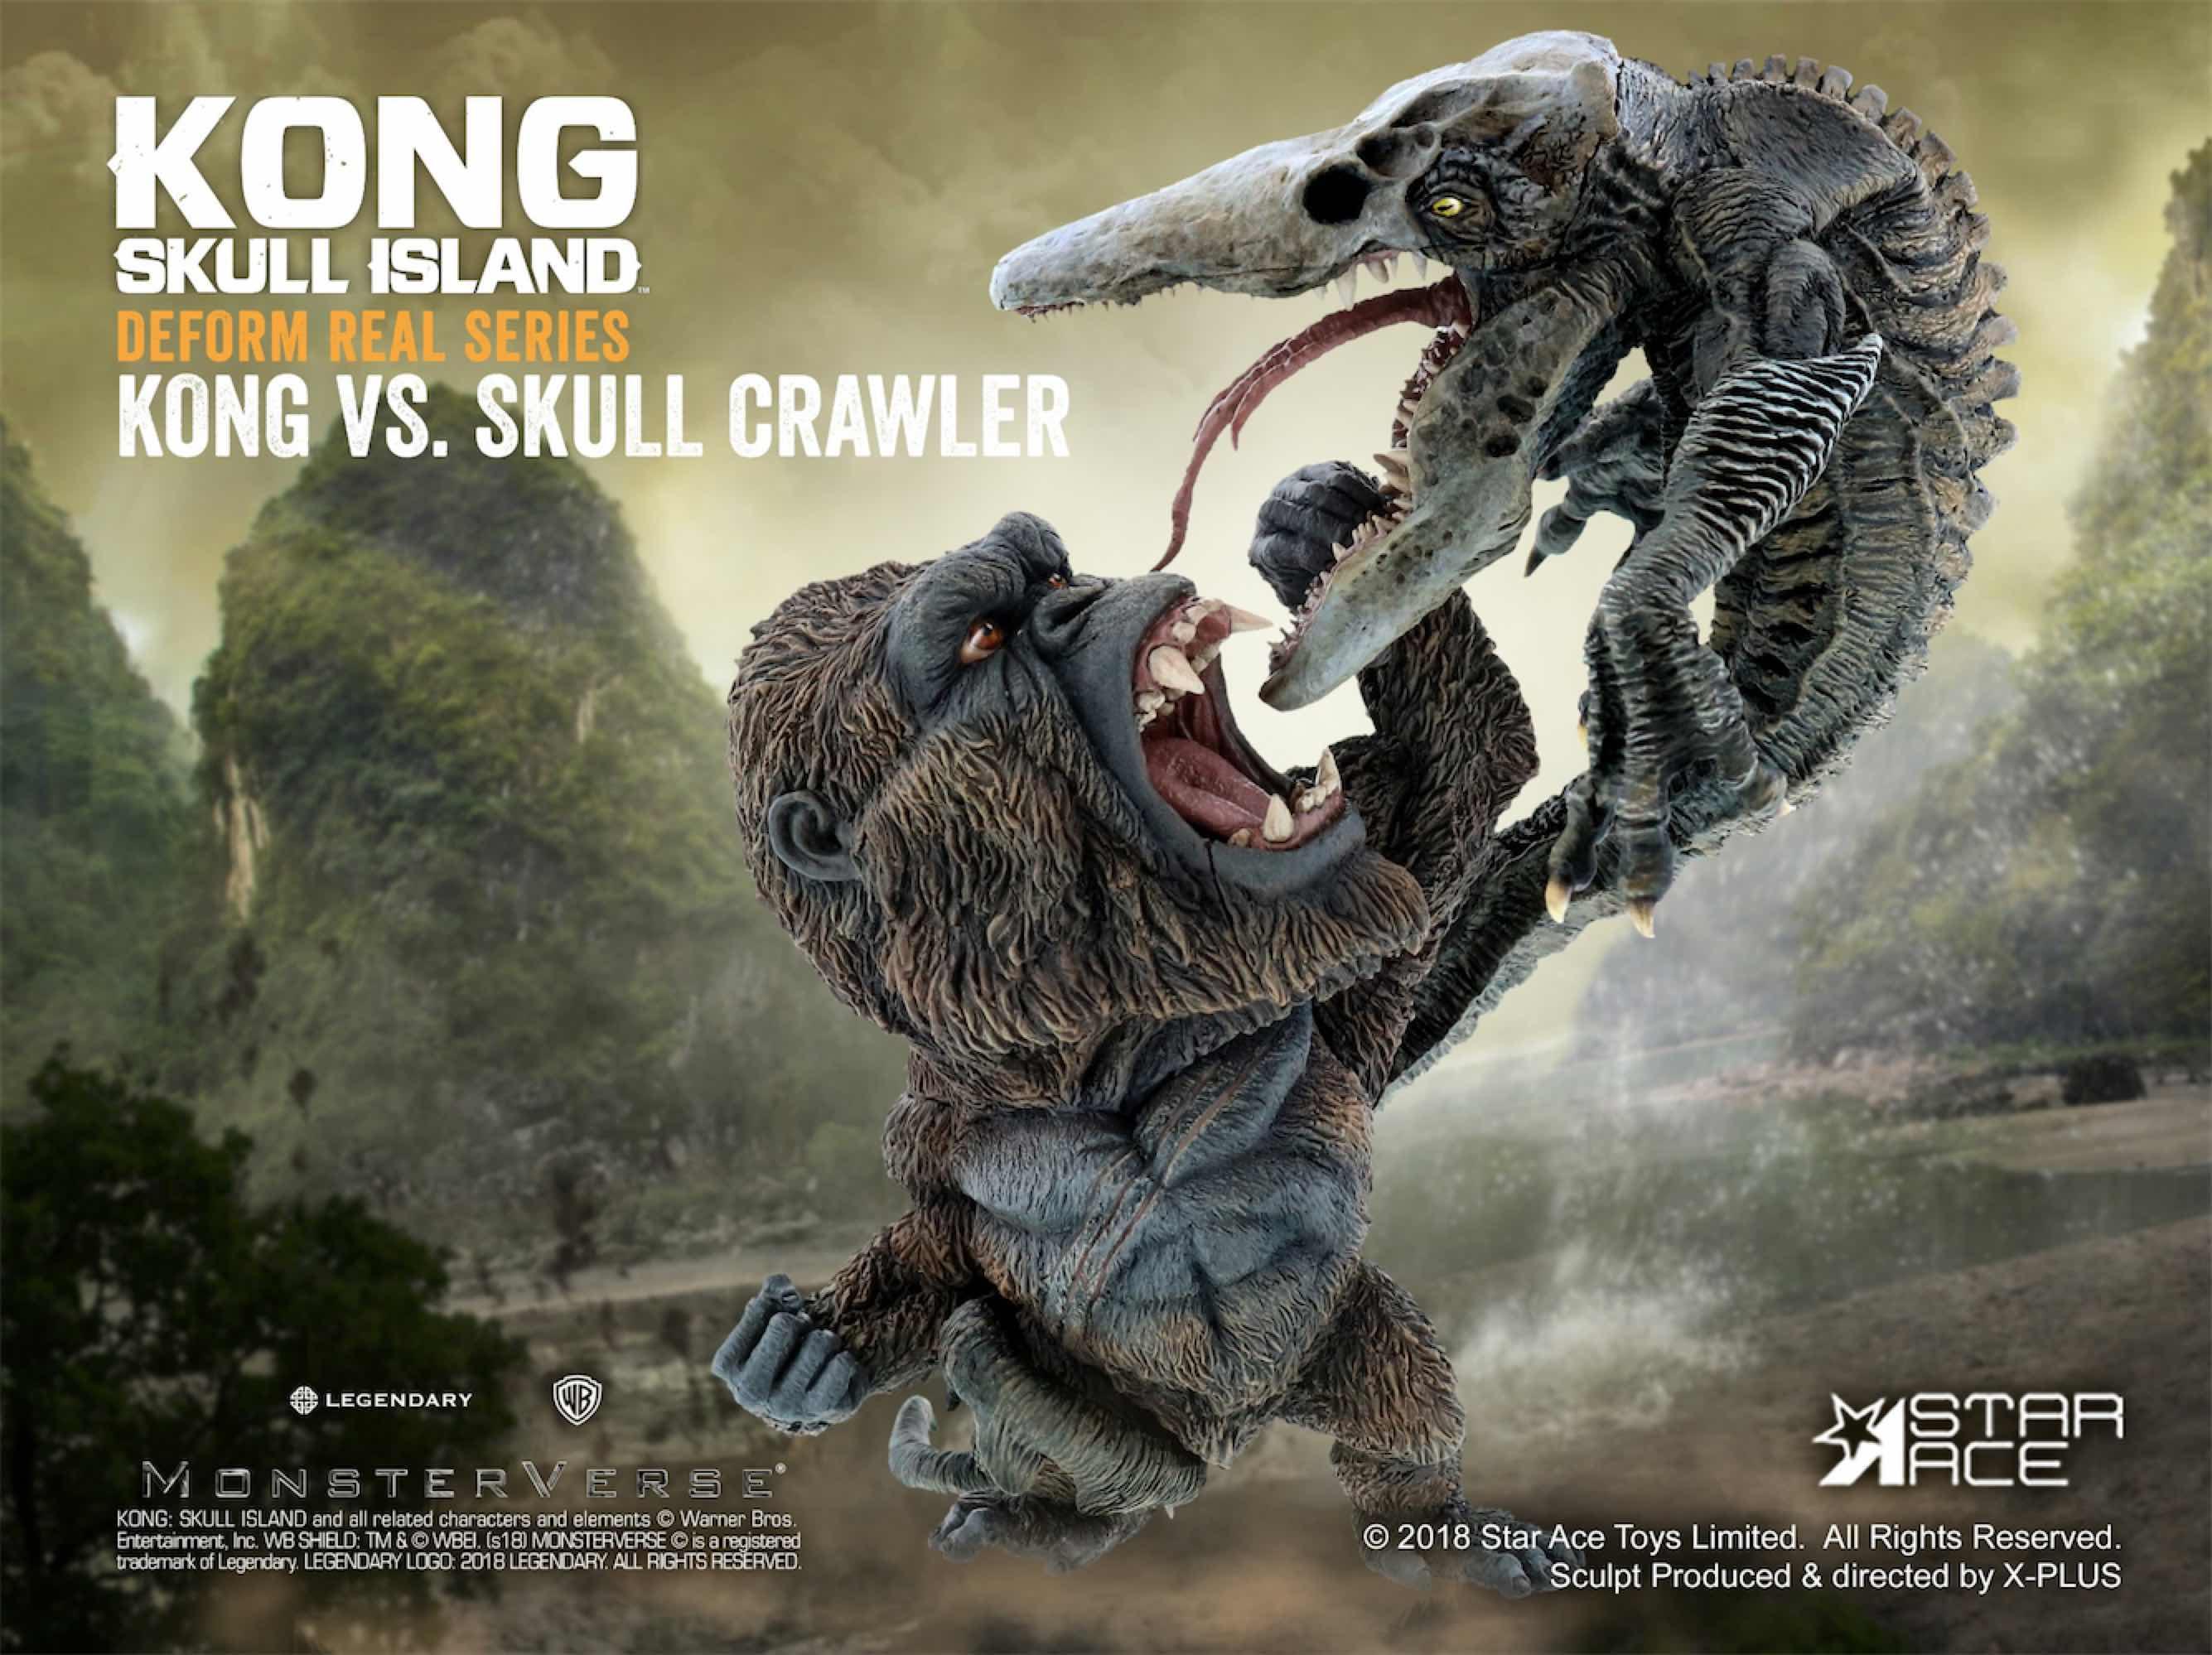 KONG & SKULL CRAWLER PACK 2 ESTATUAS 15 Y 16 CM KING KONG SKULL ISLAND SOFT VINYL